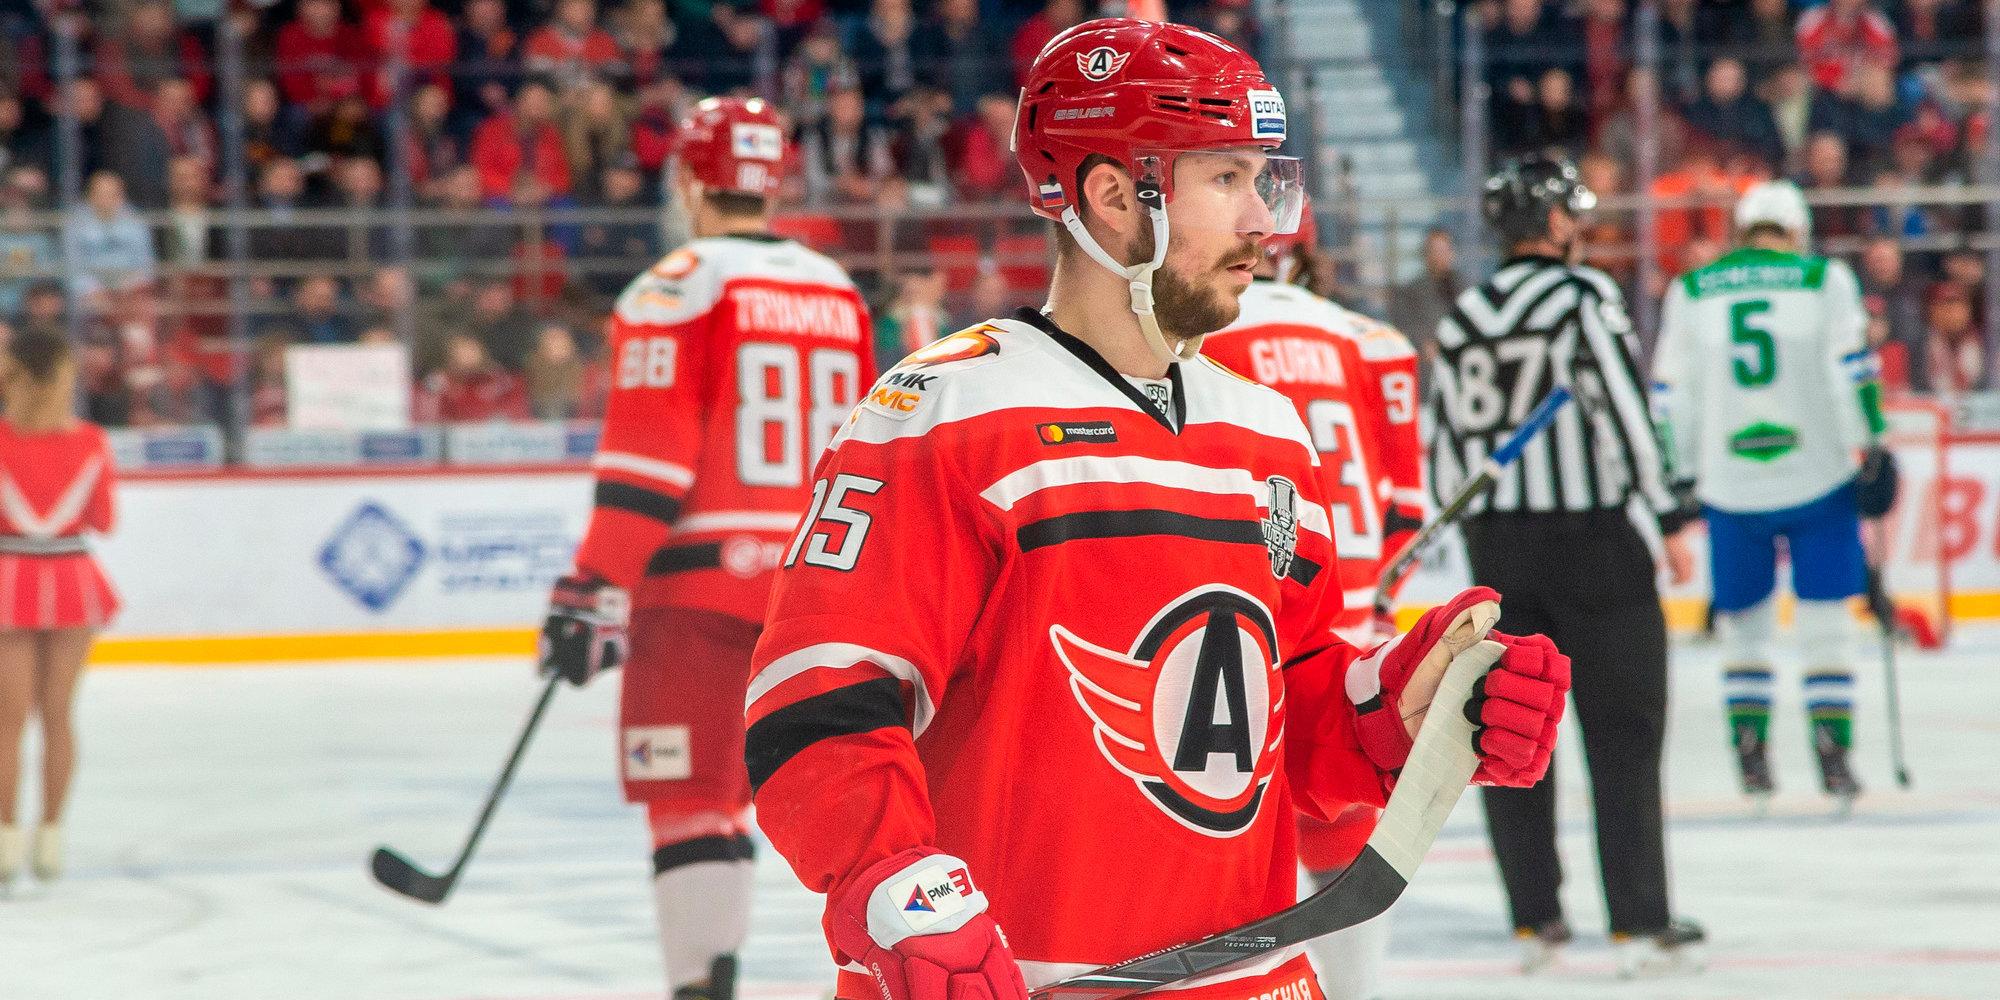 Анатолий Голышев: «Выступать в НХЛ всегда было моей мечтой, и сейчас я к этому близок как никогда»